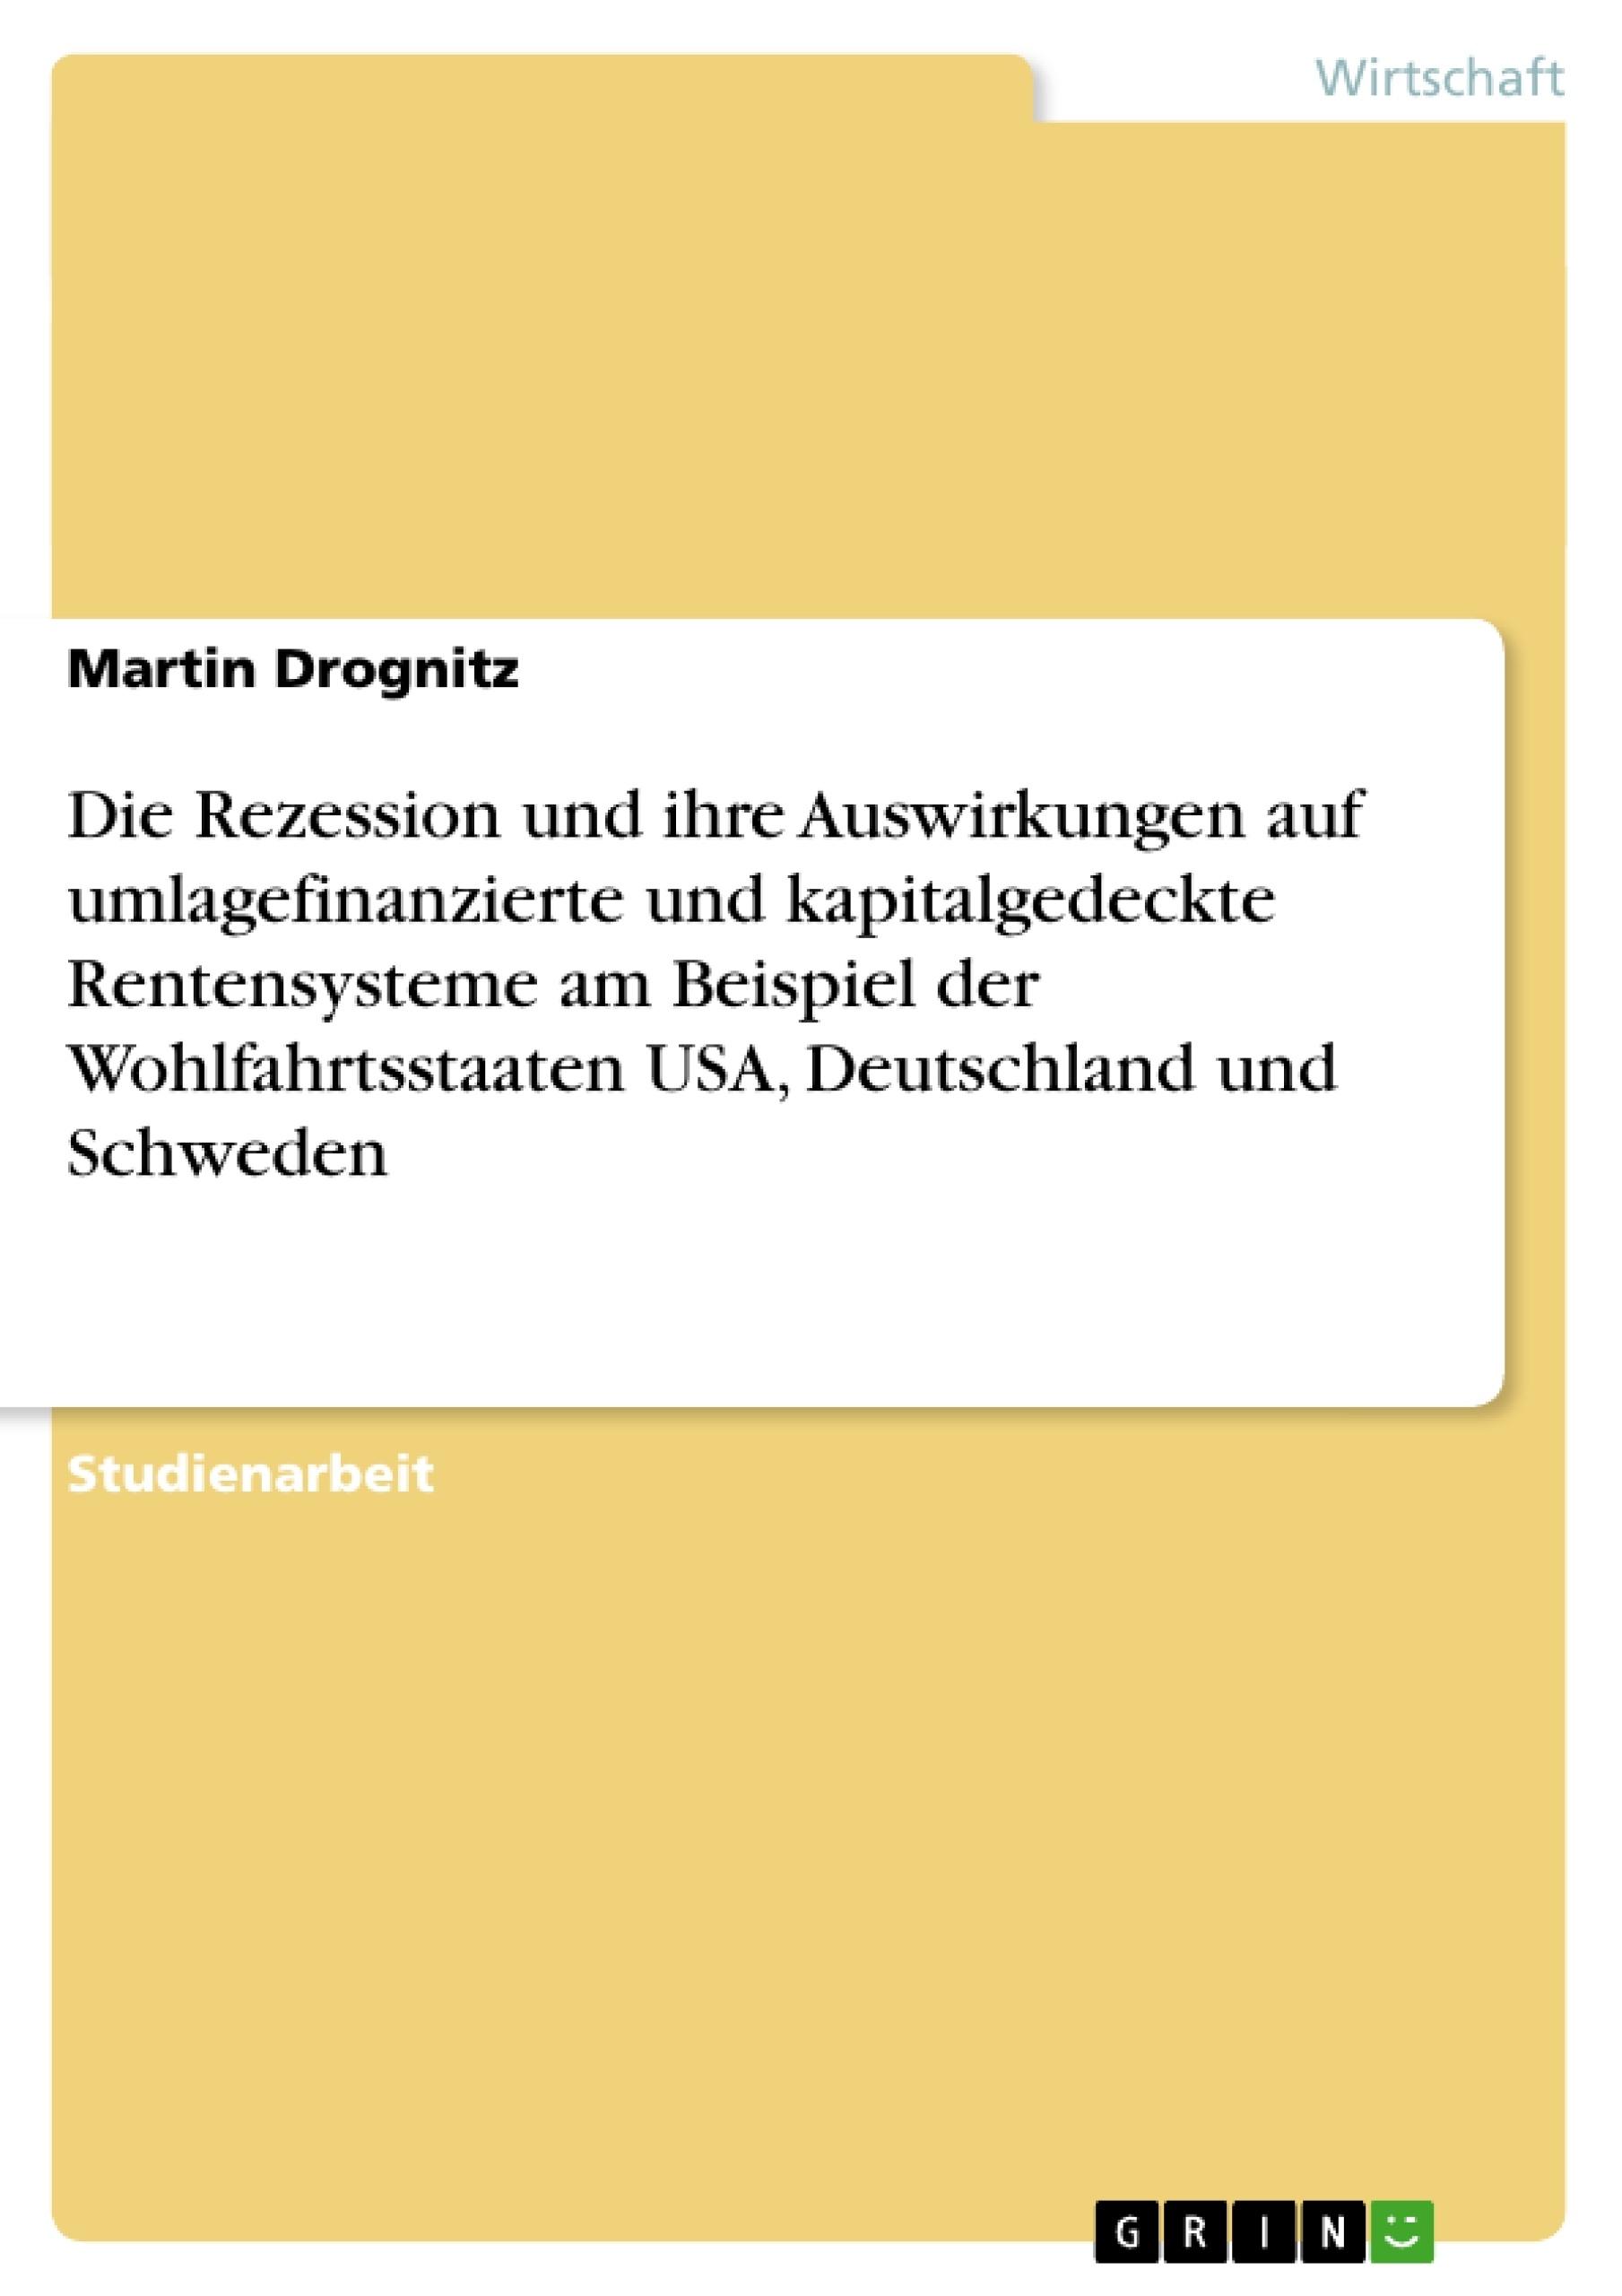 Titel: Die Rezession und ihre Auswirkungen auf umlagefinanzierte und kapitalgedeckte Rentensysteme  am Beispiel der Wohlfahrtsstaaten USA, Deutschland und Schweden